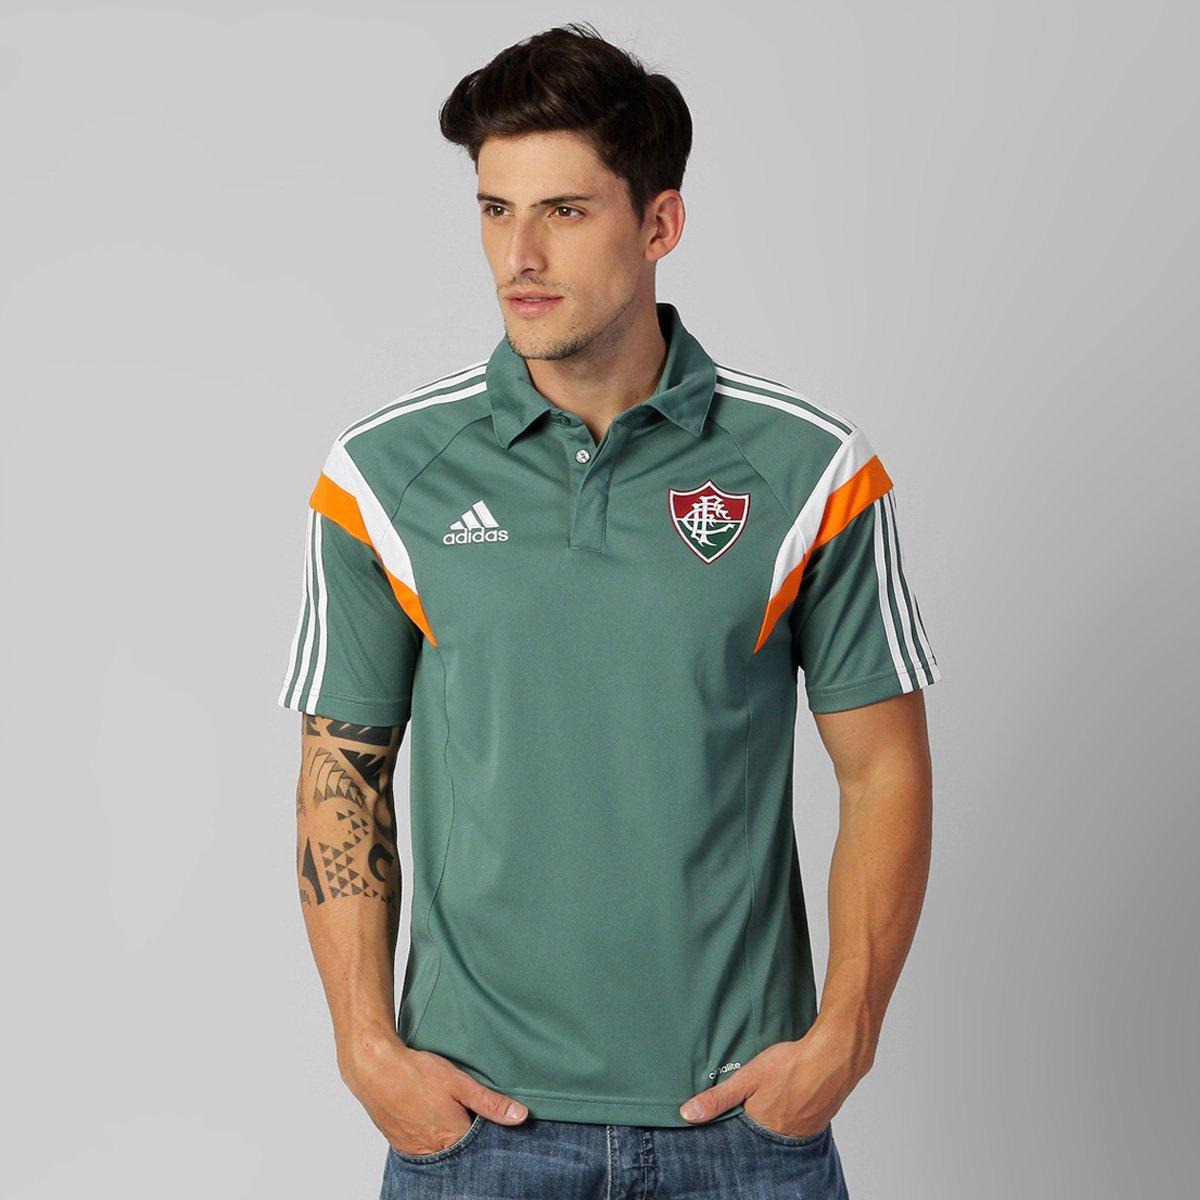 f057f2353d Camisa Polo Adidas Fluminense Viagem 2014 - Compre Agora